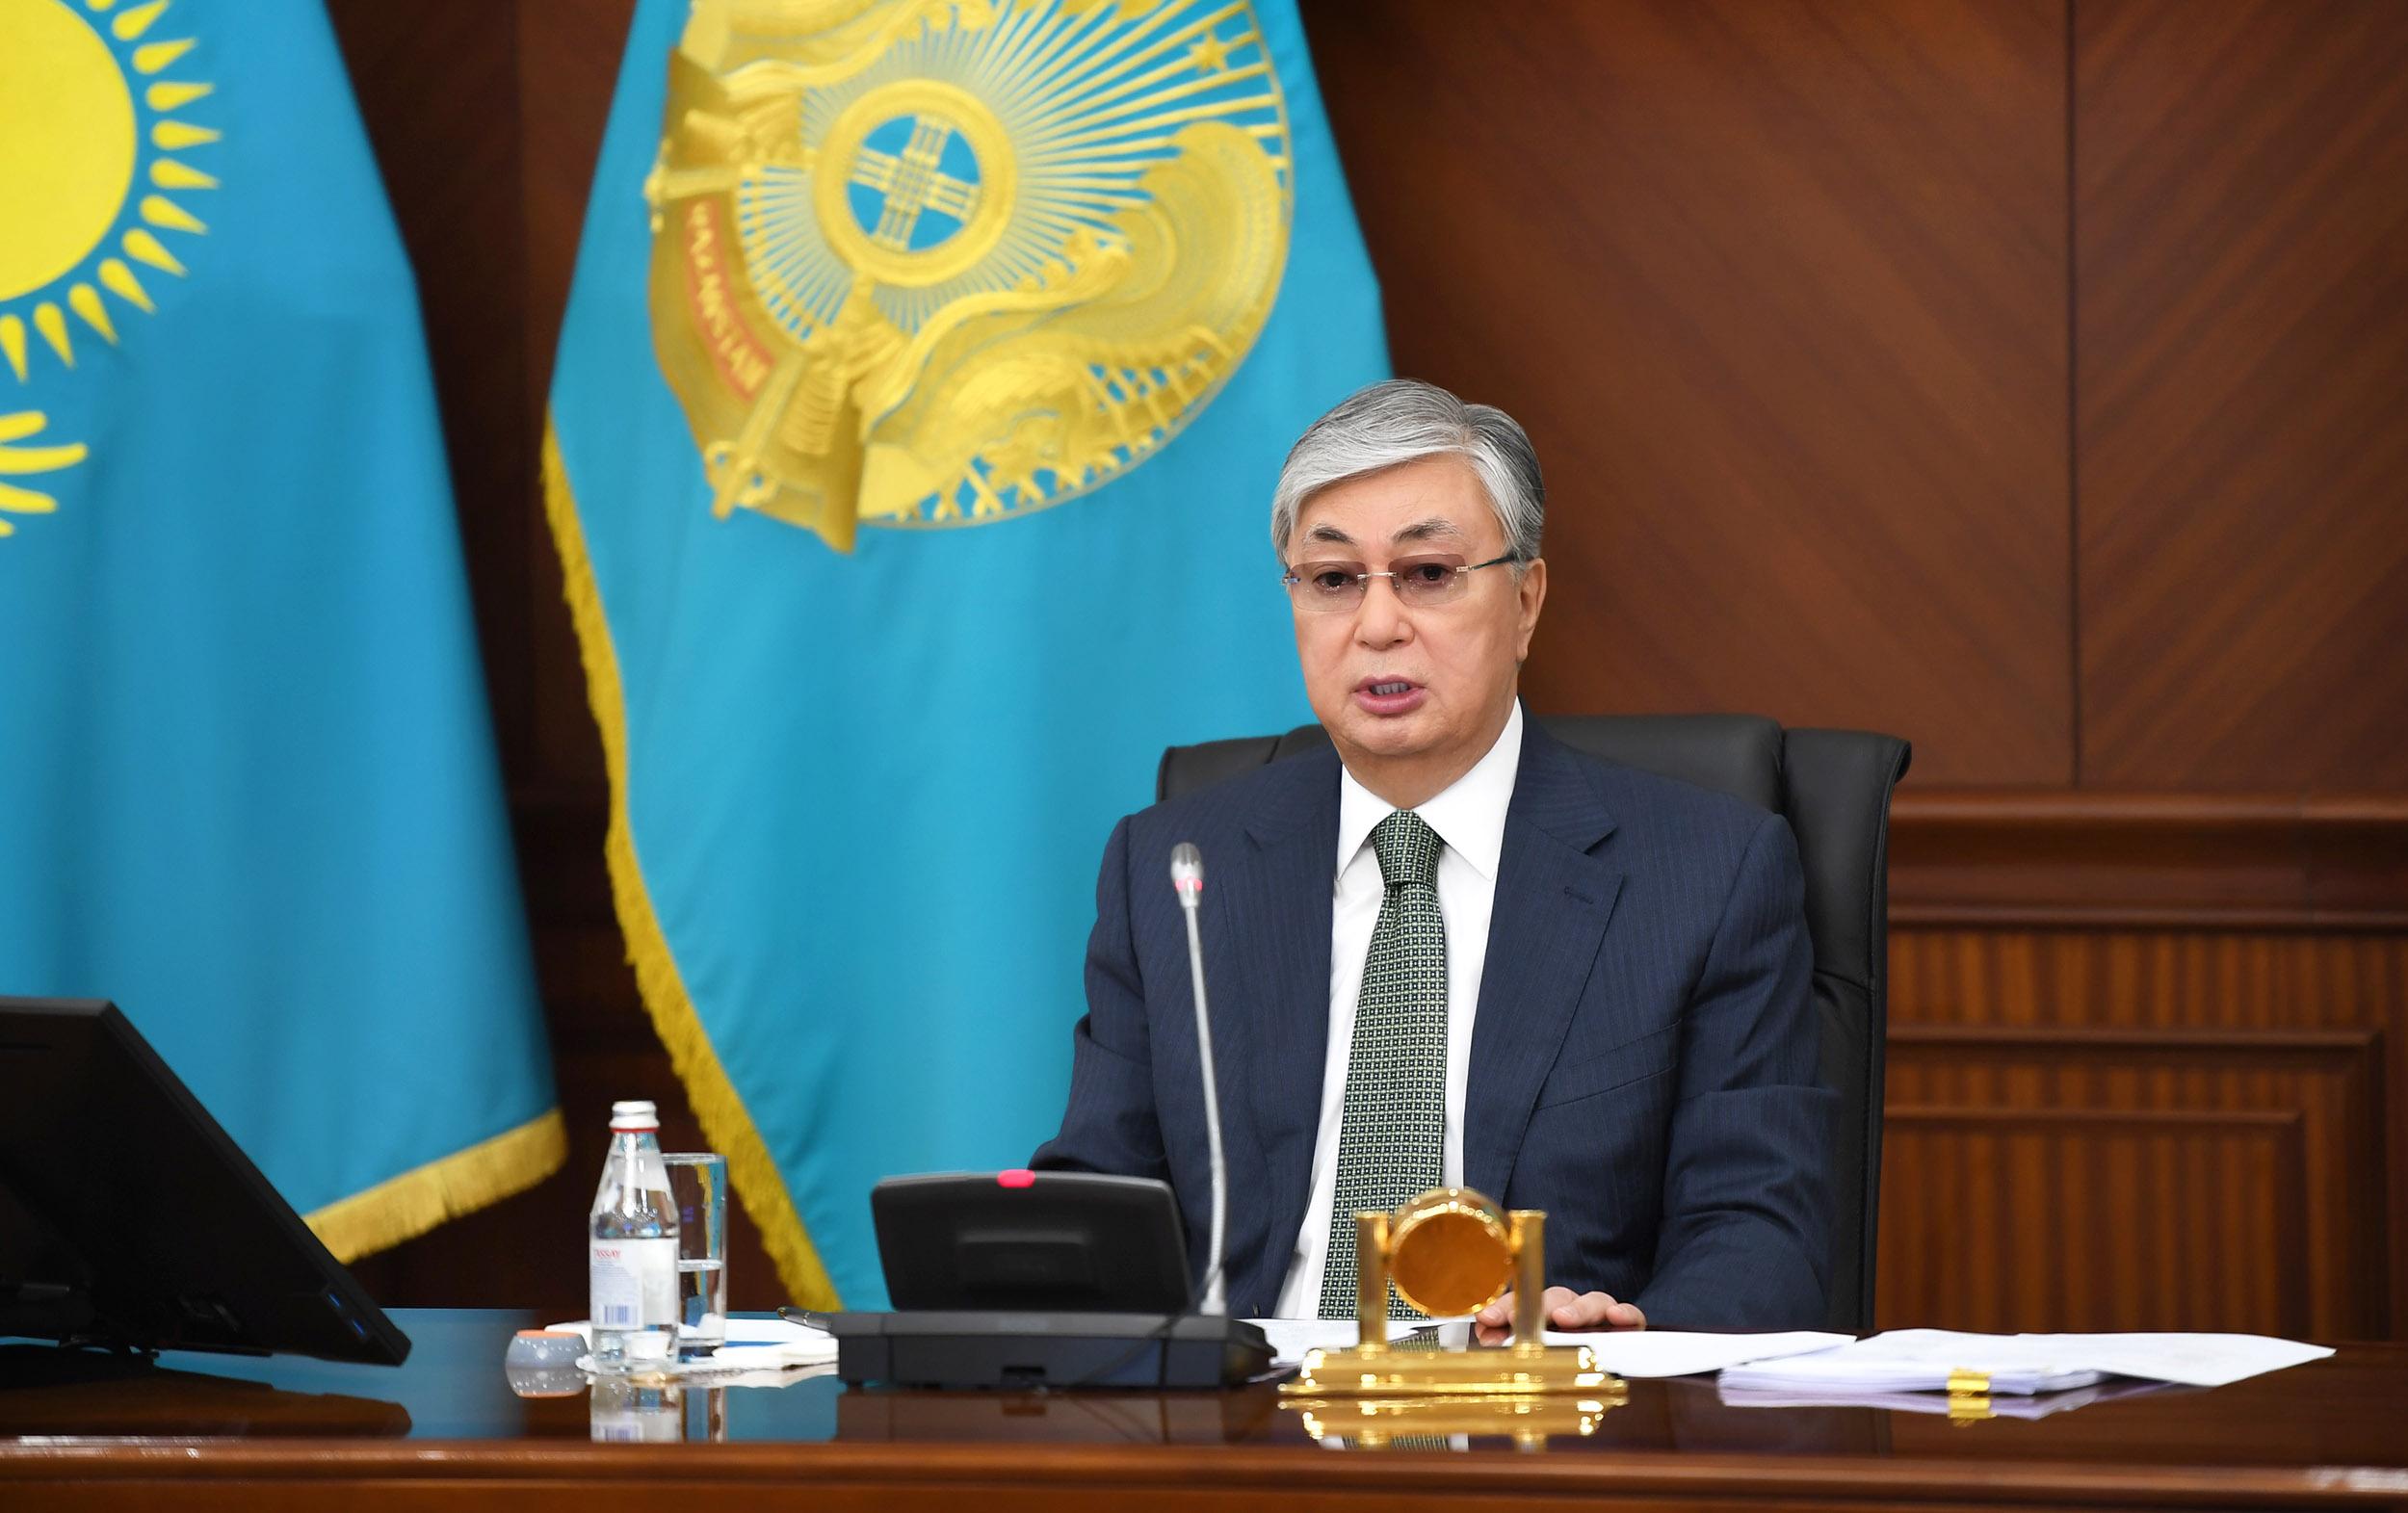 Касым-Жомарт Токаев поручил разобраться в ситуации с финкомпаниями, нанесшими материальный ущерб гражданам